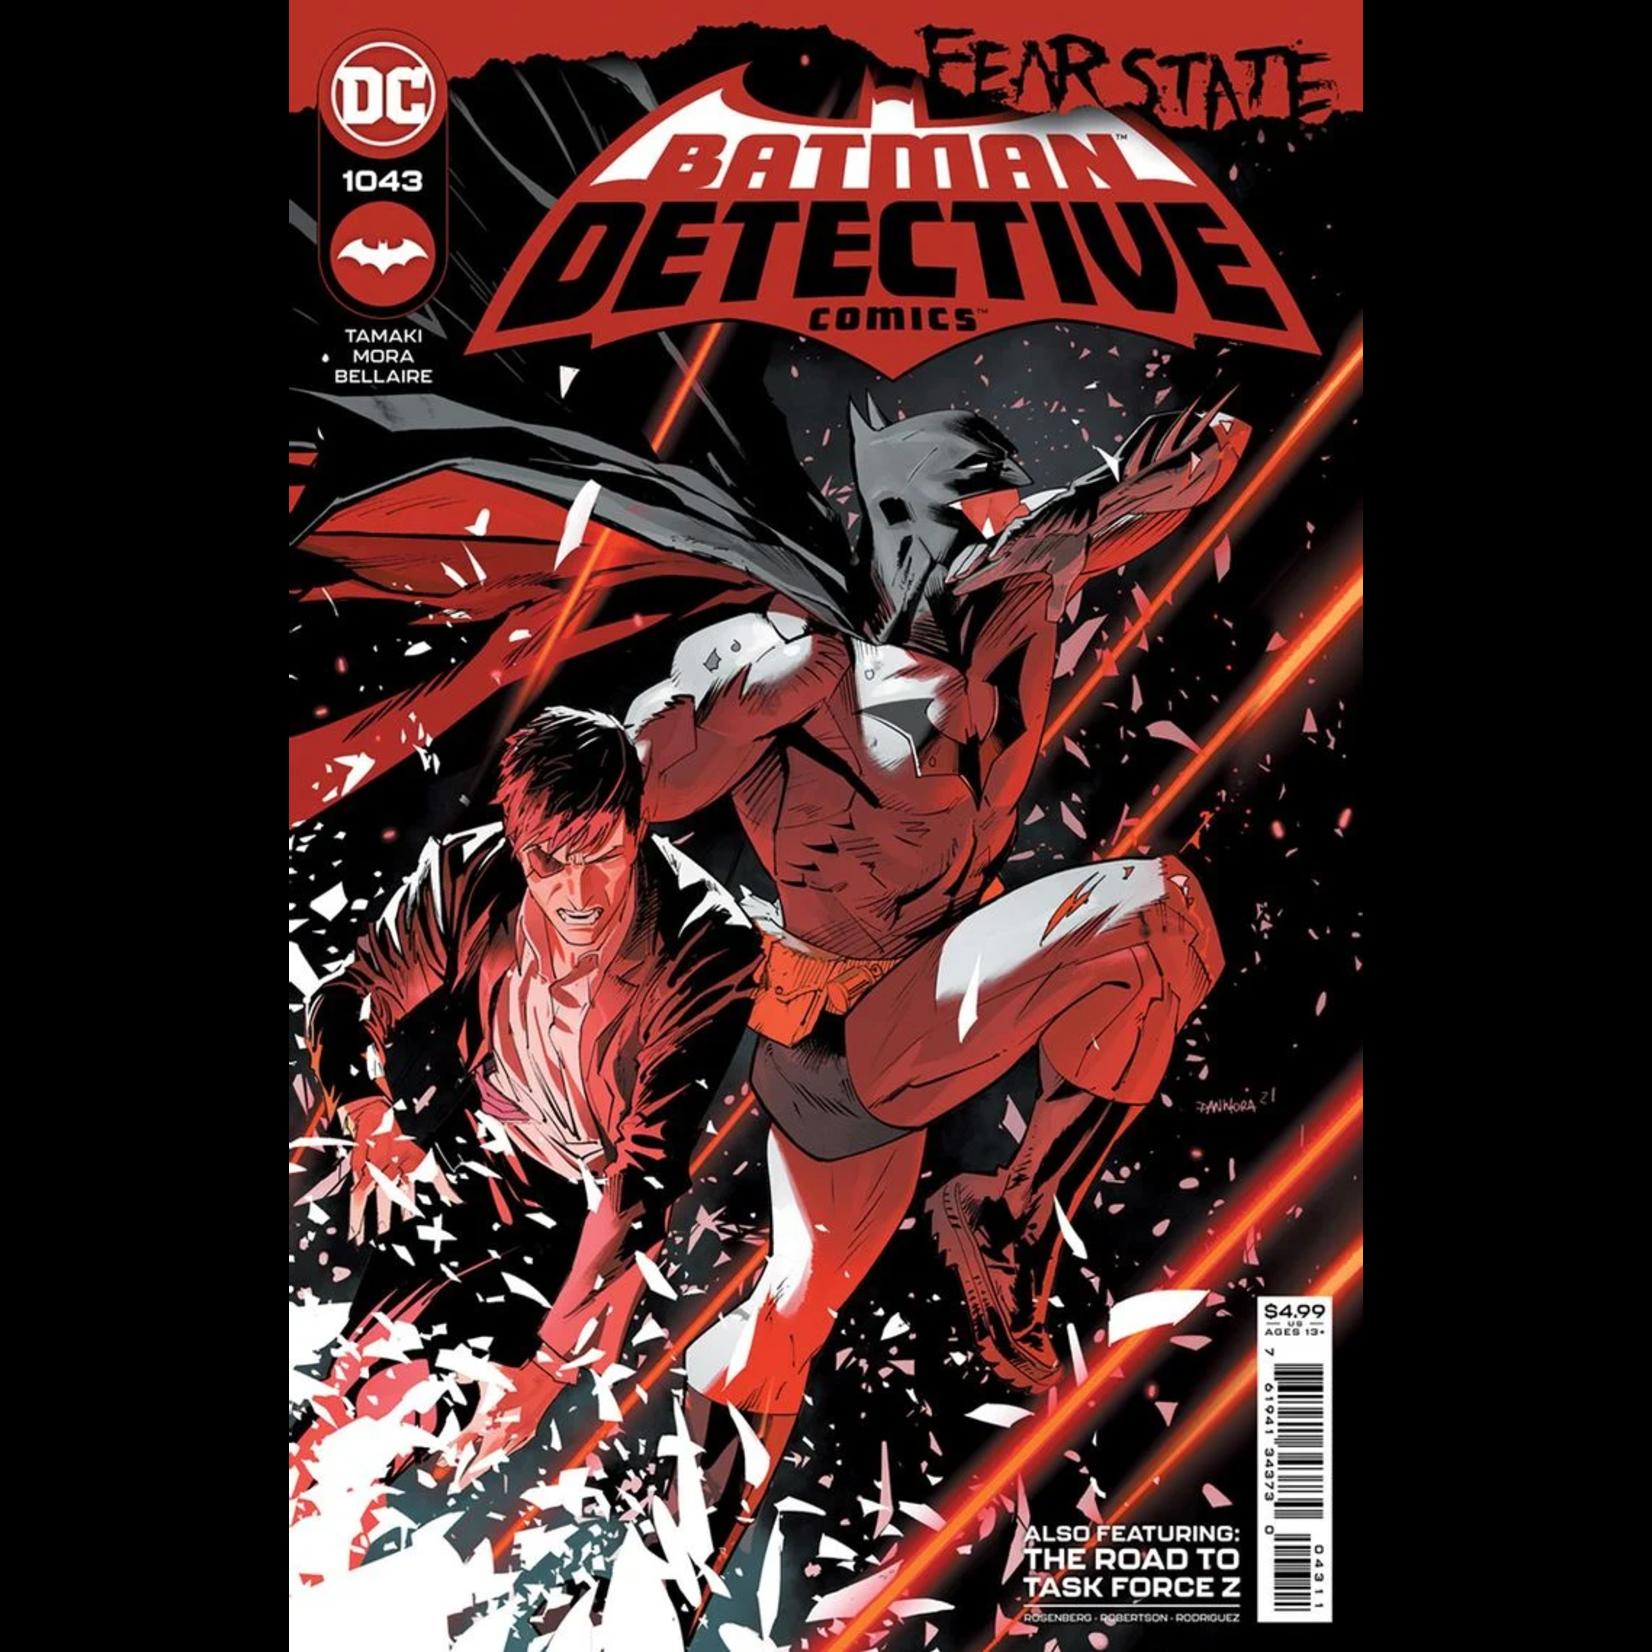 DC Comics Detective Comics #1043